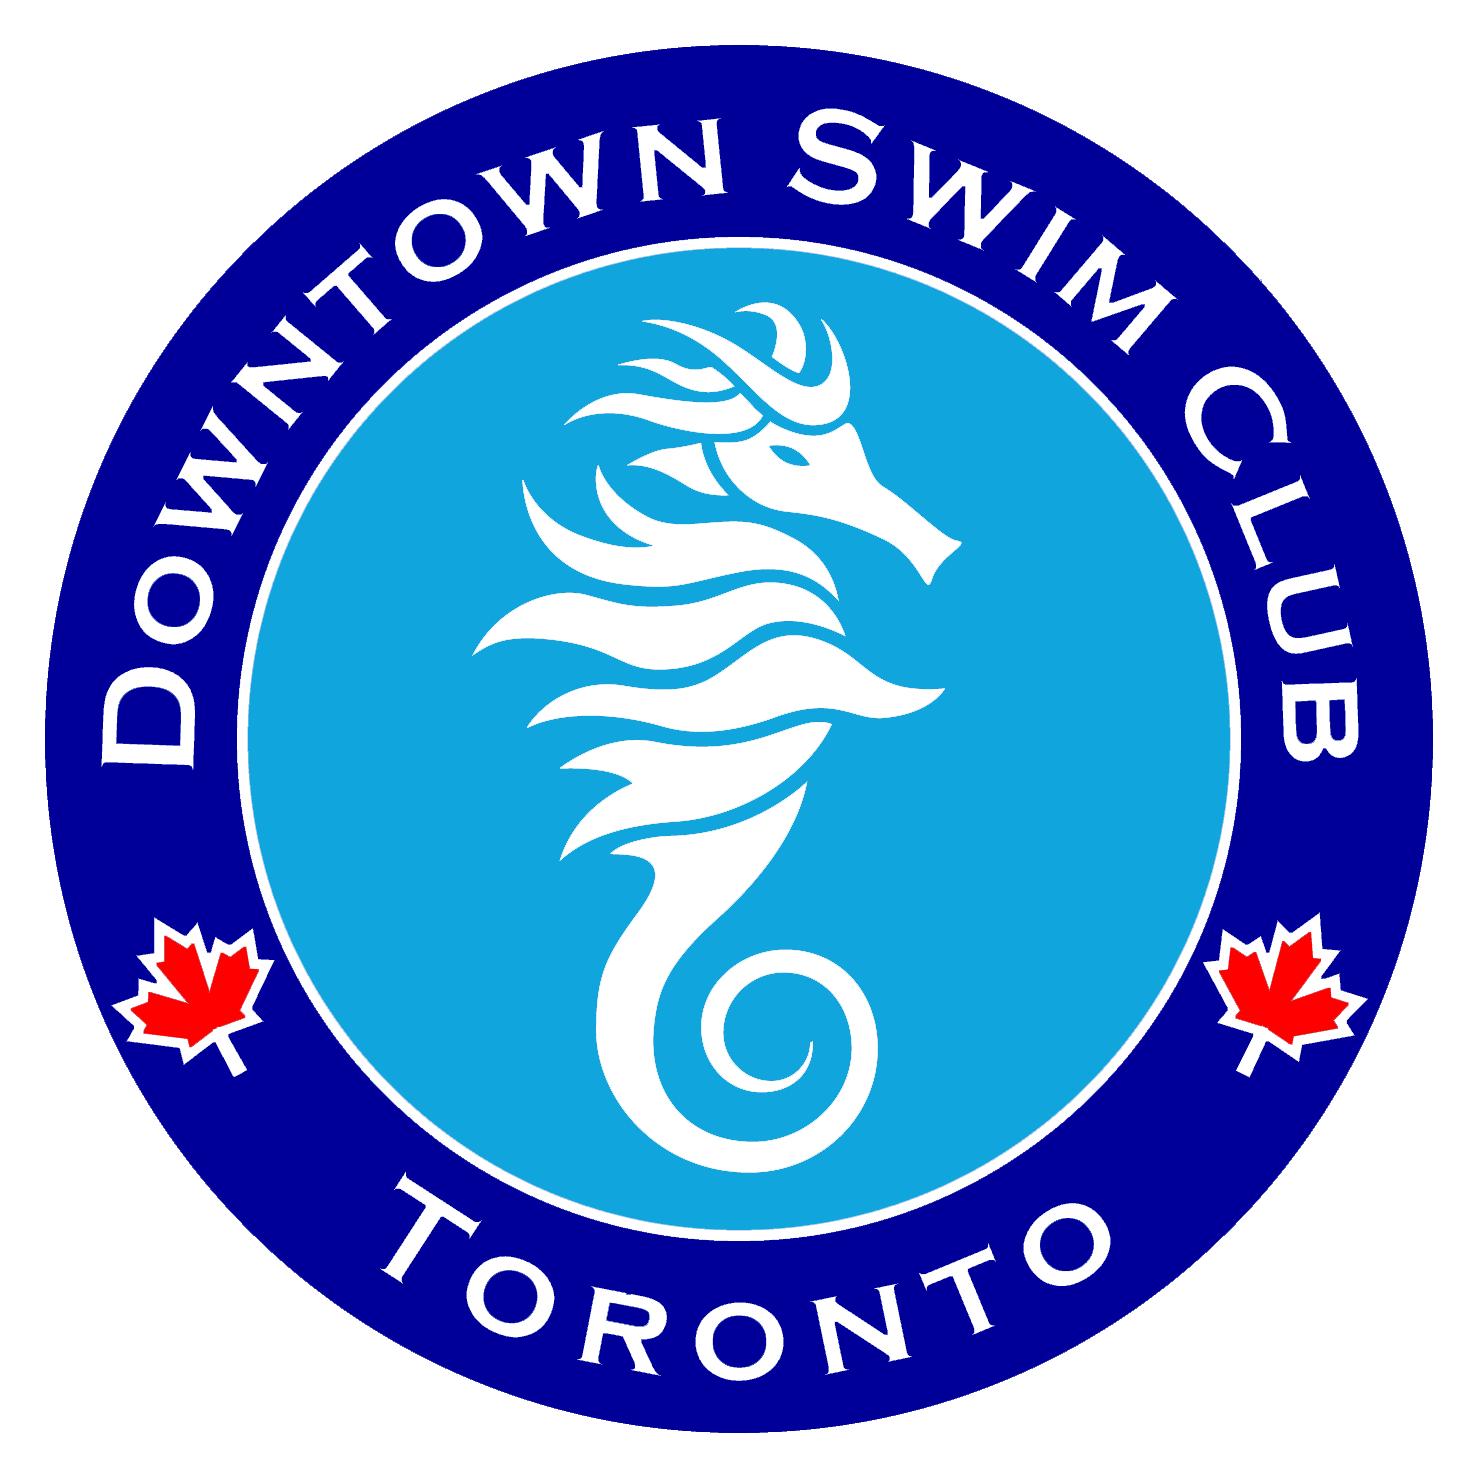 Downtown Swim Club company